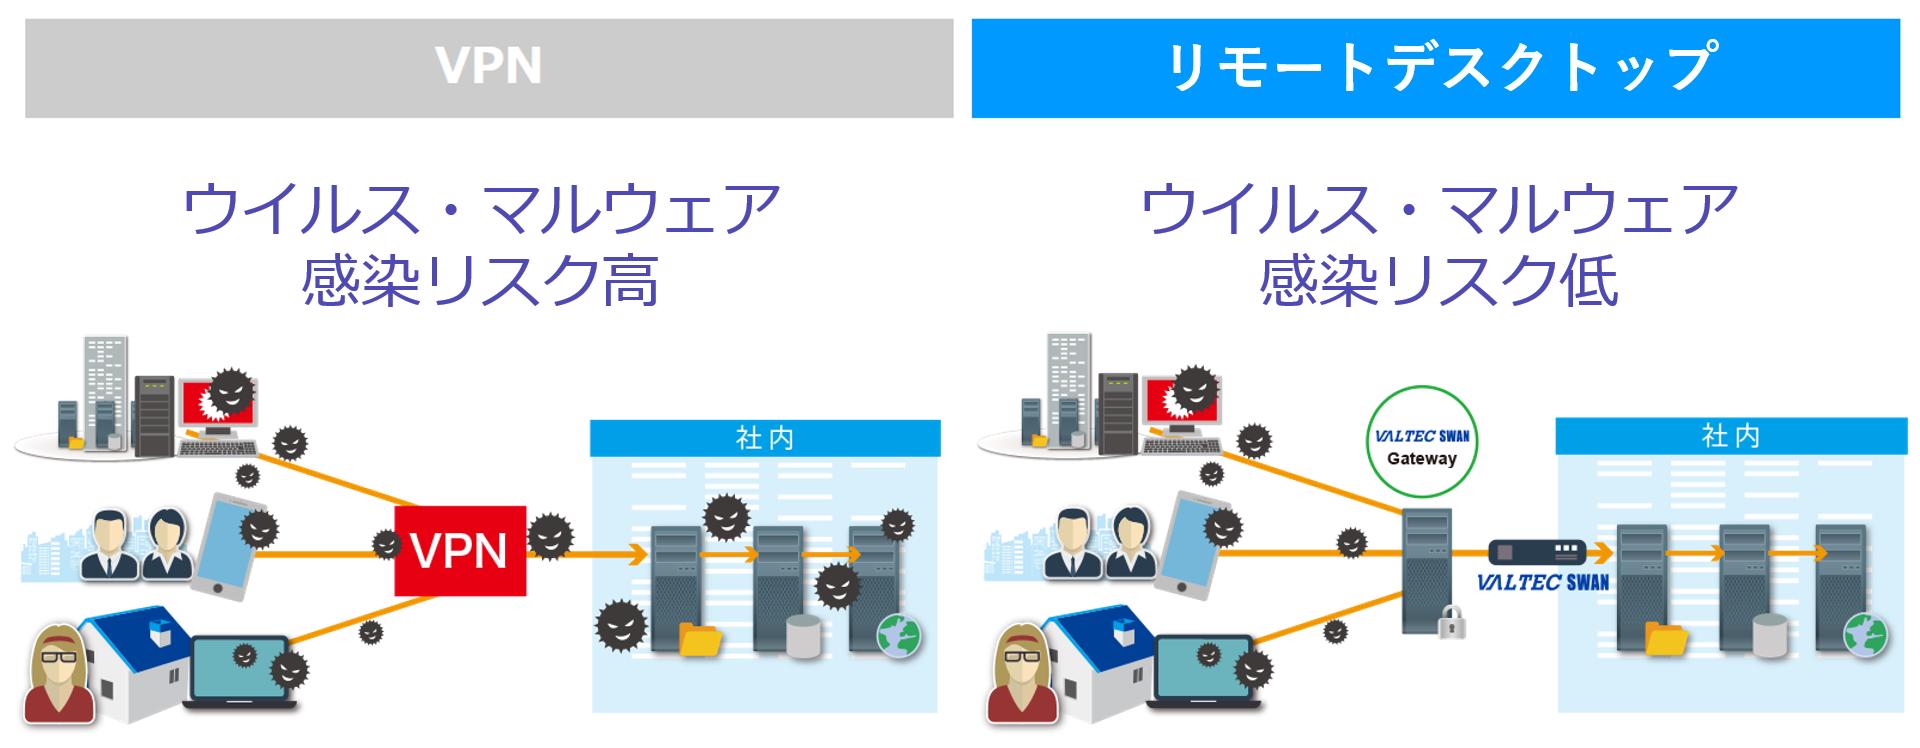 VPNとリモートデスクトップの違い(ウイルス対策)